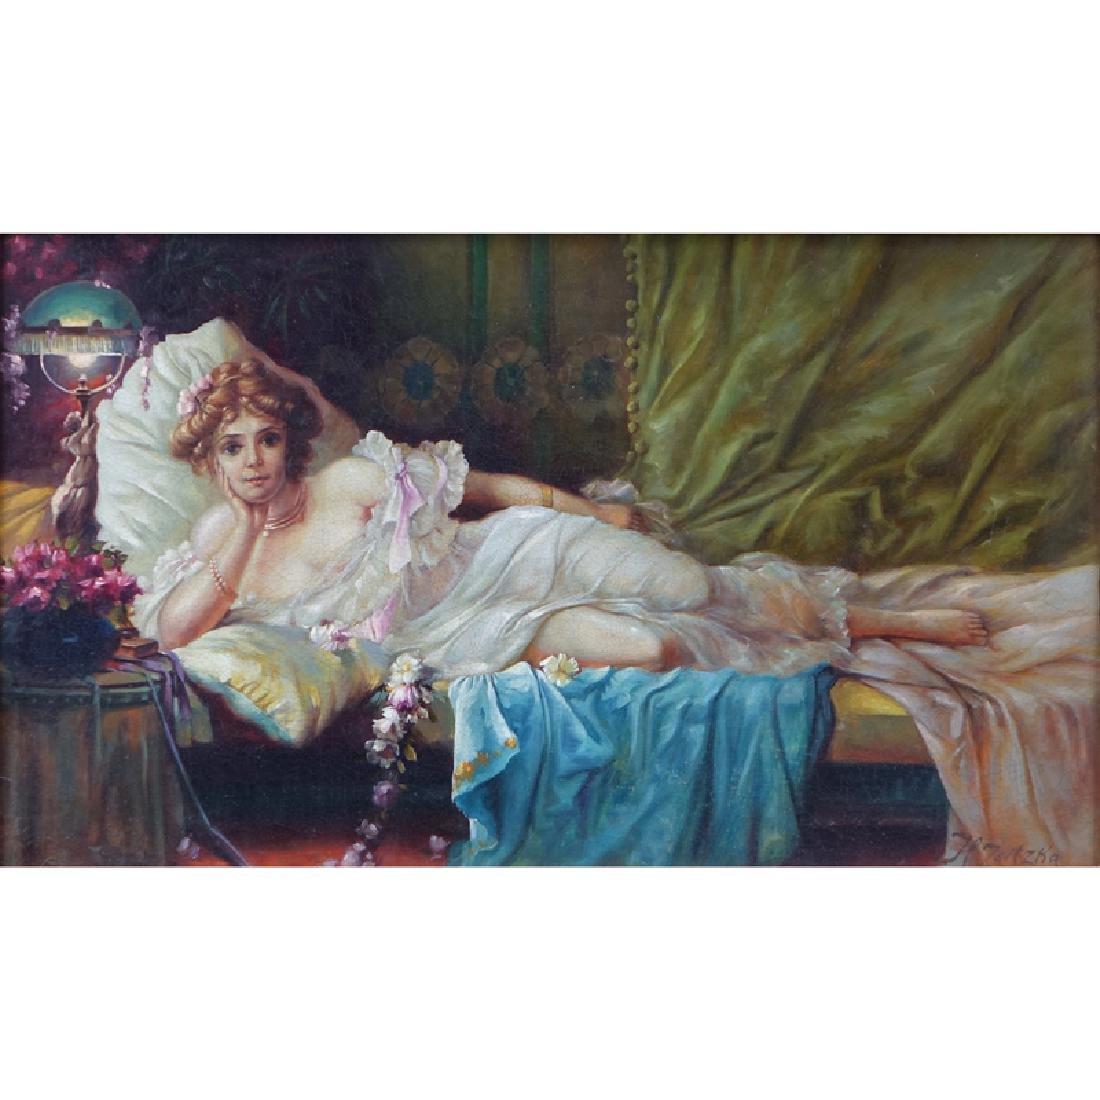 Follower of: Hans Zatzka, Austrian (1859 - 1945) Oil on